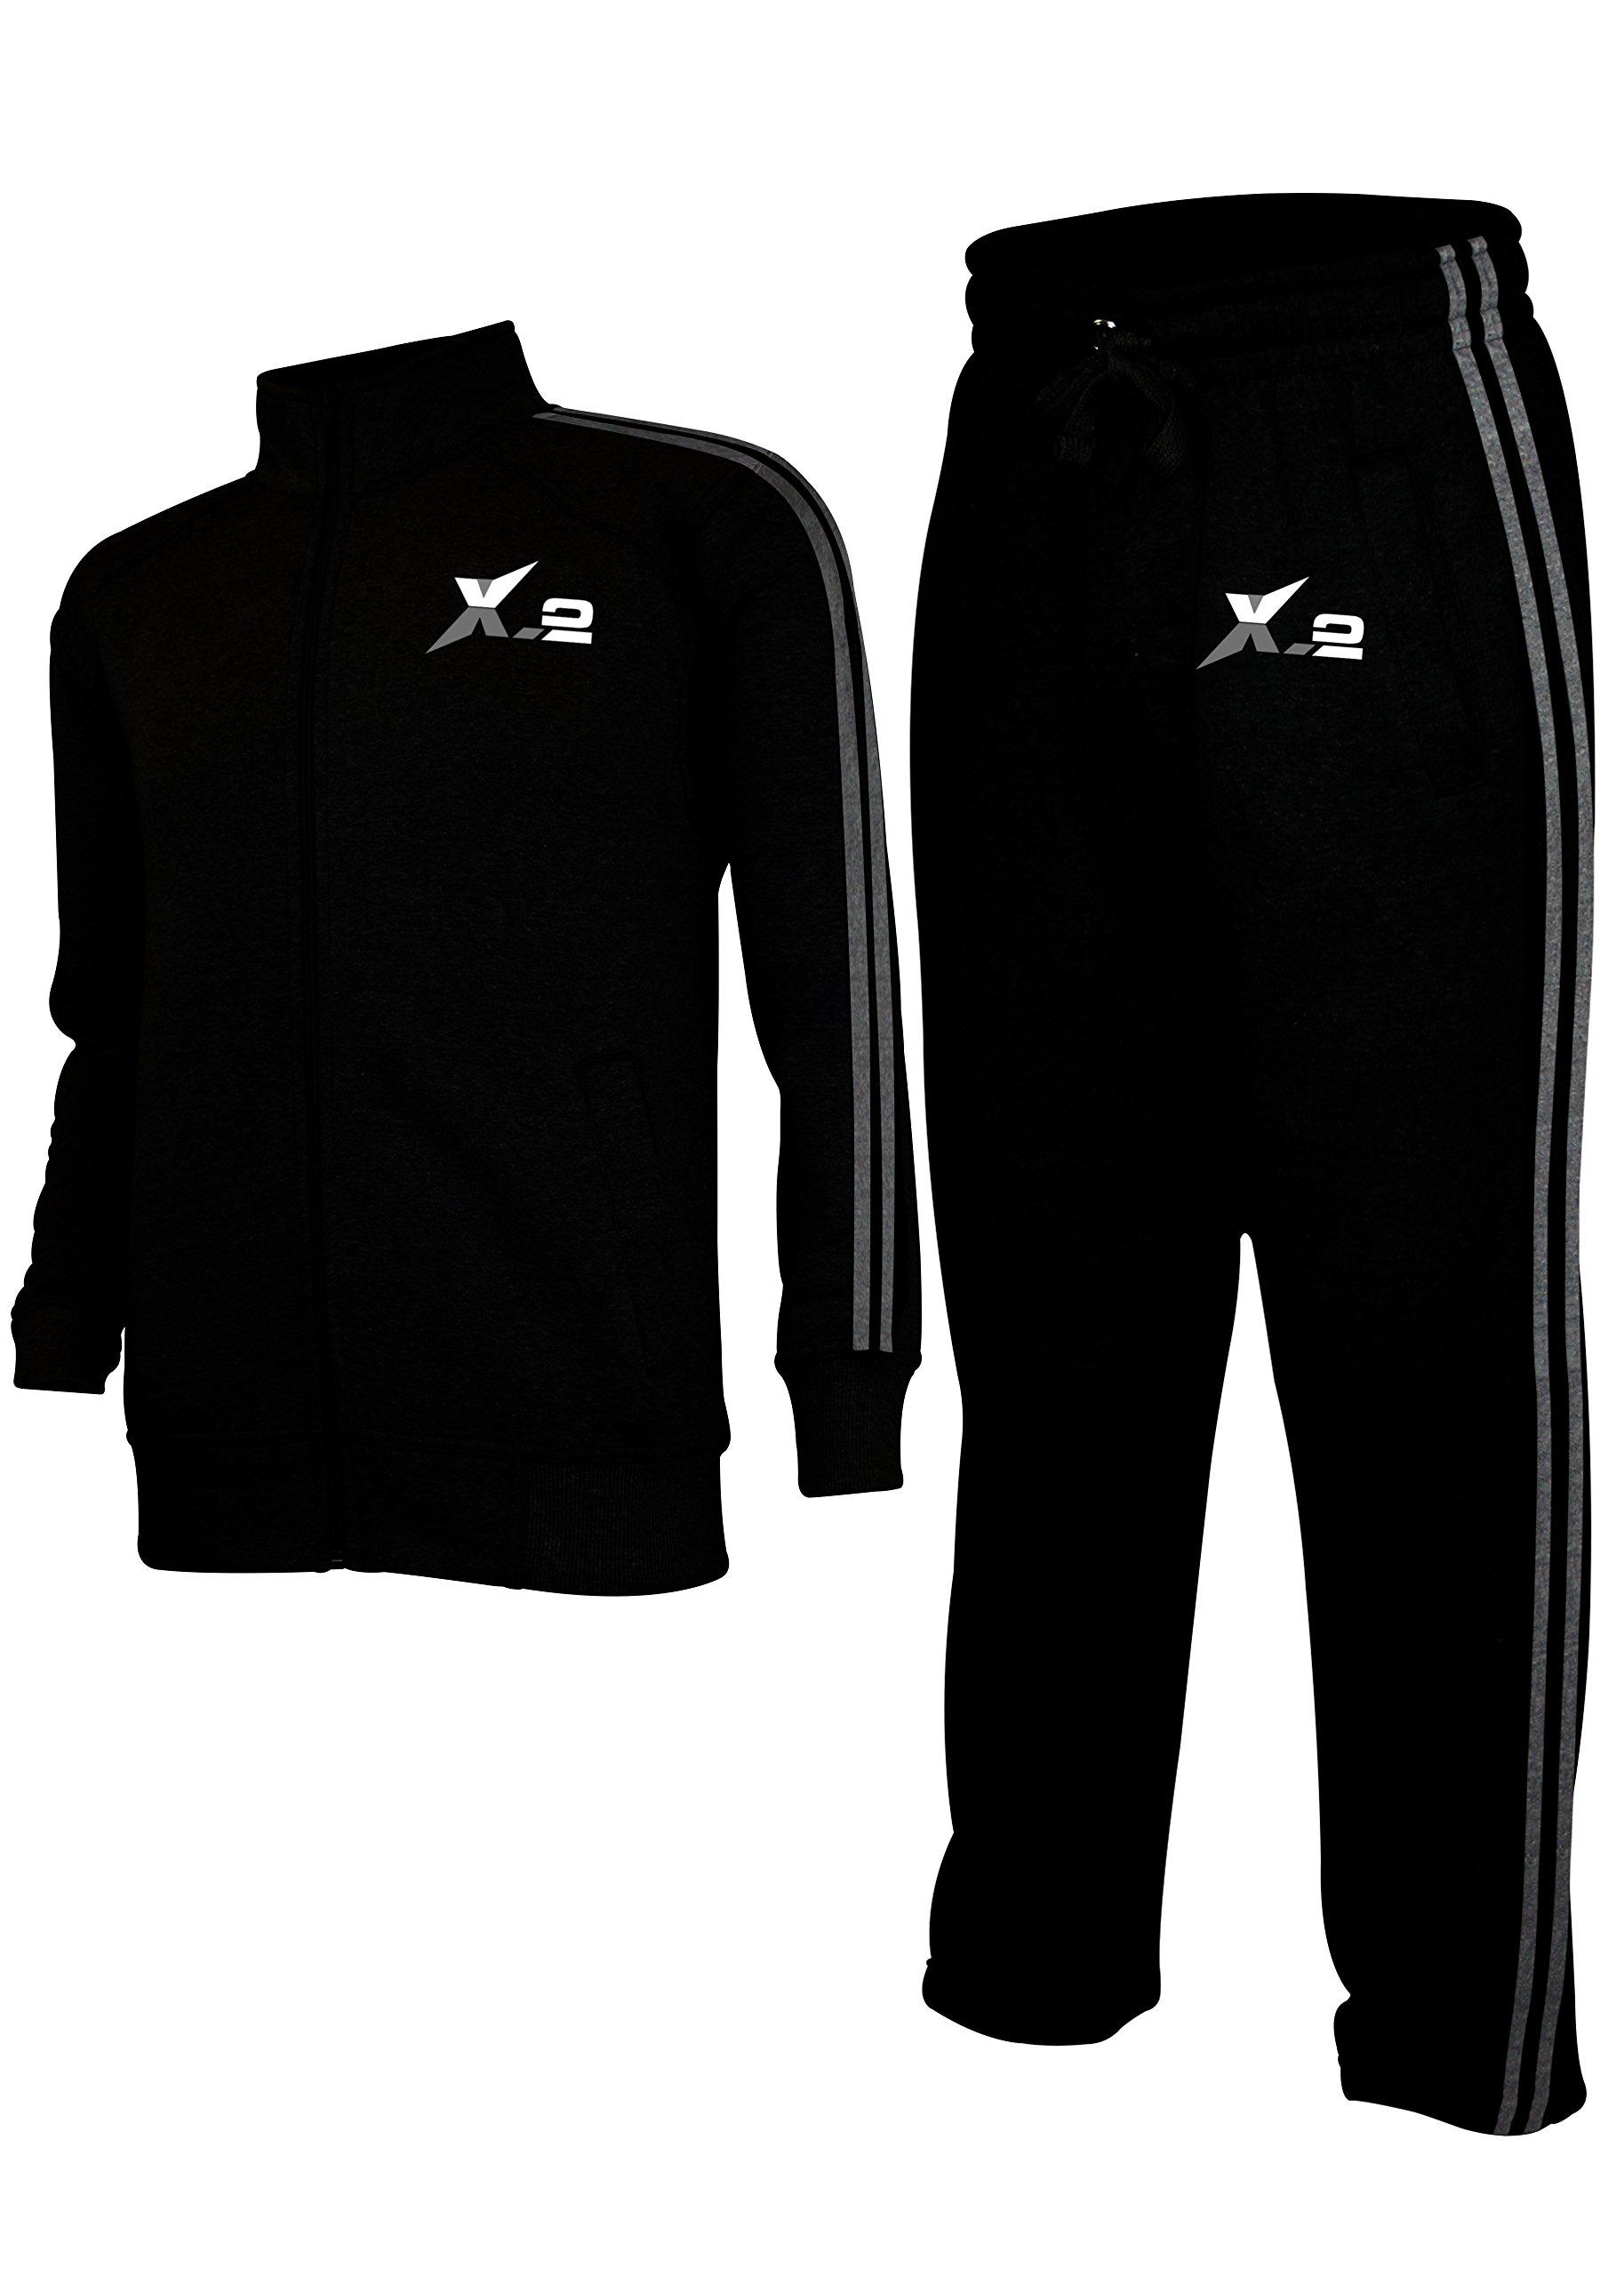 X-2 Mens Athletic Full Zip Fleece Tracksuit Jogging Sweatsuit Activewear Black XL